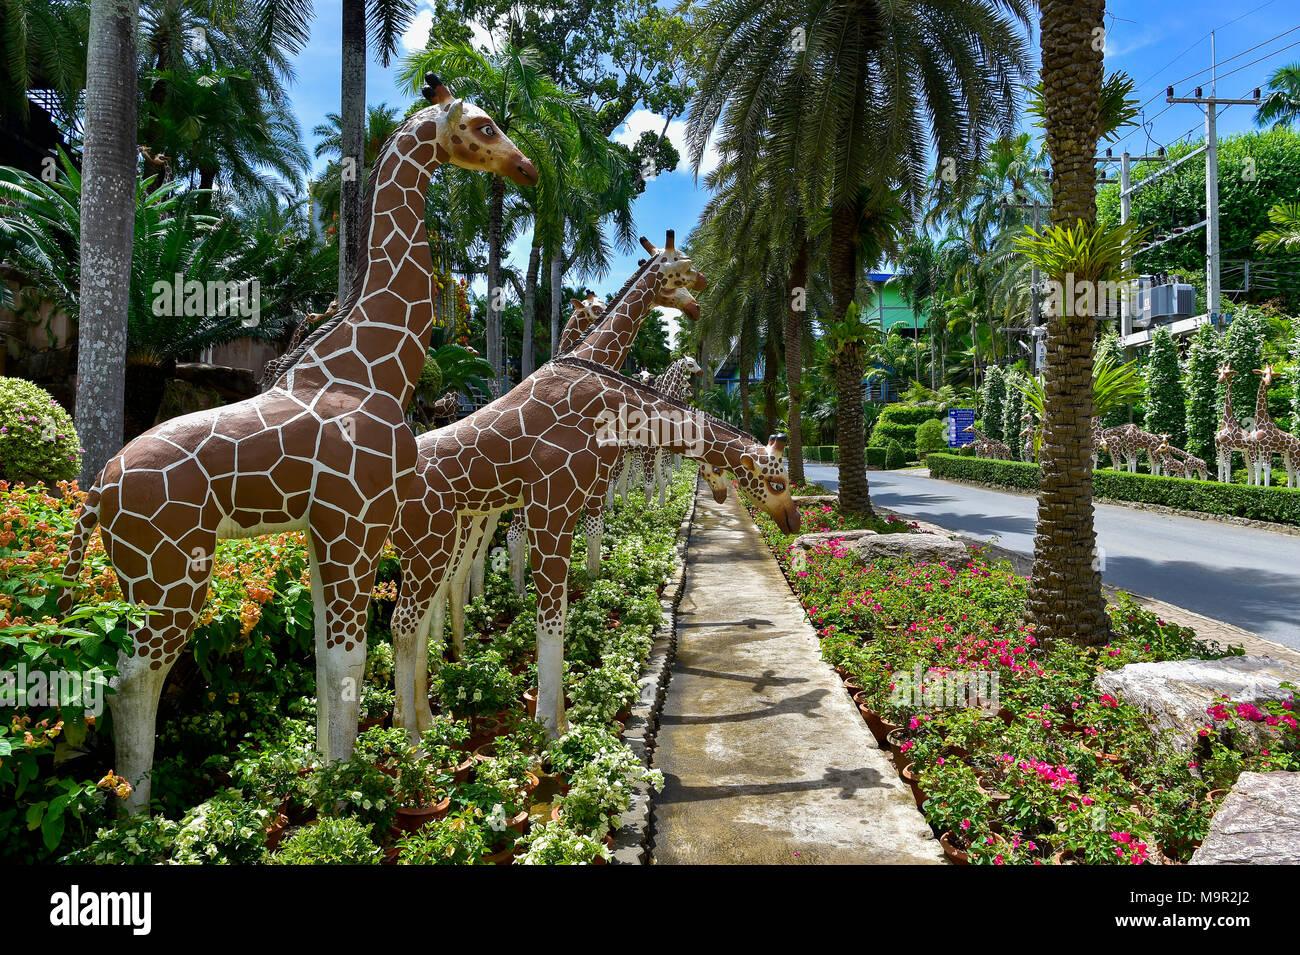 Giraffe figures, Nong Nooch Tropical Botanical Garden, Pattaya, Thailand